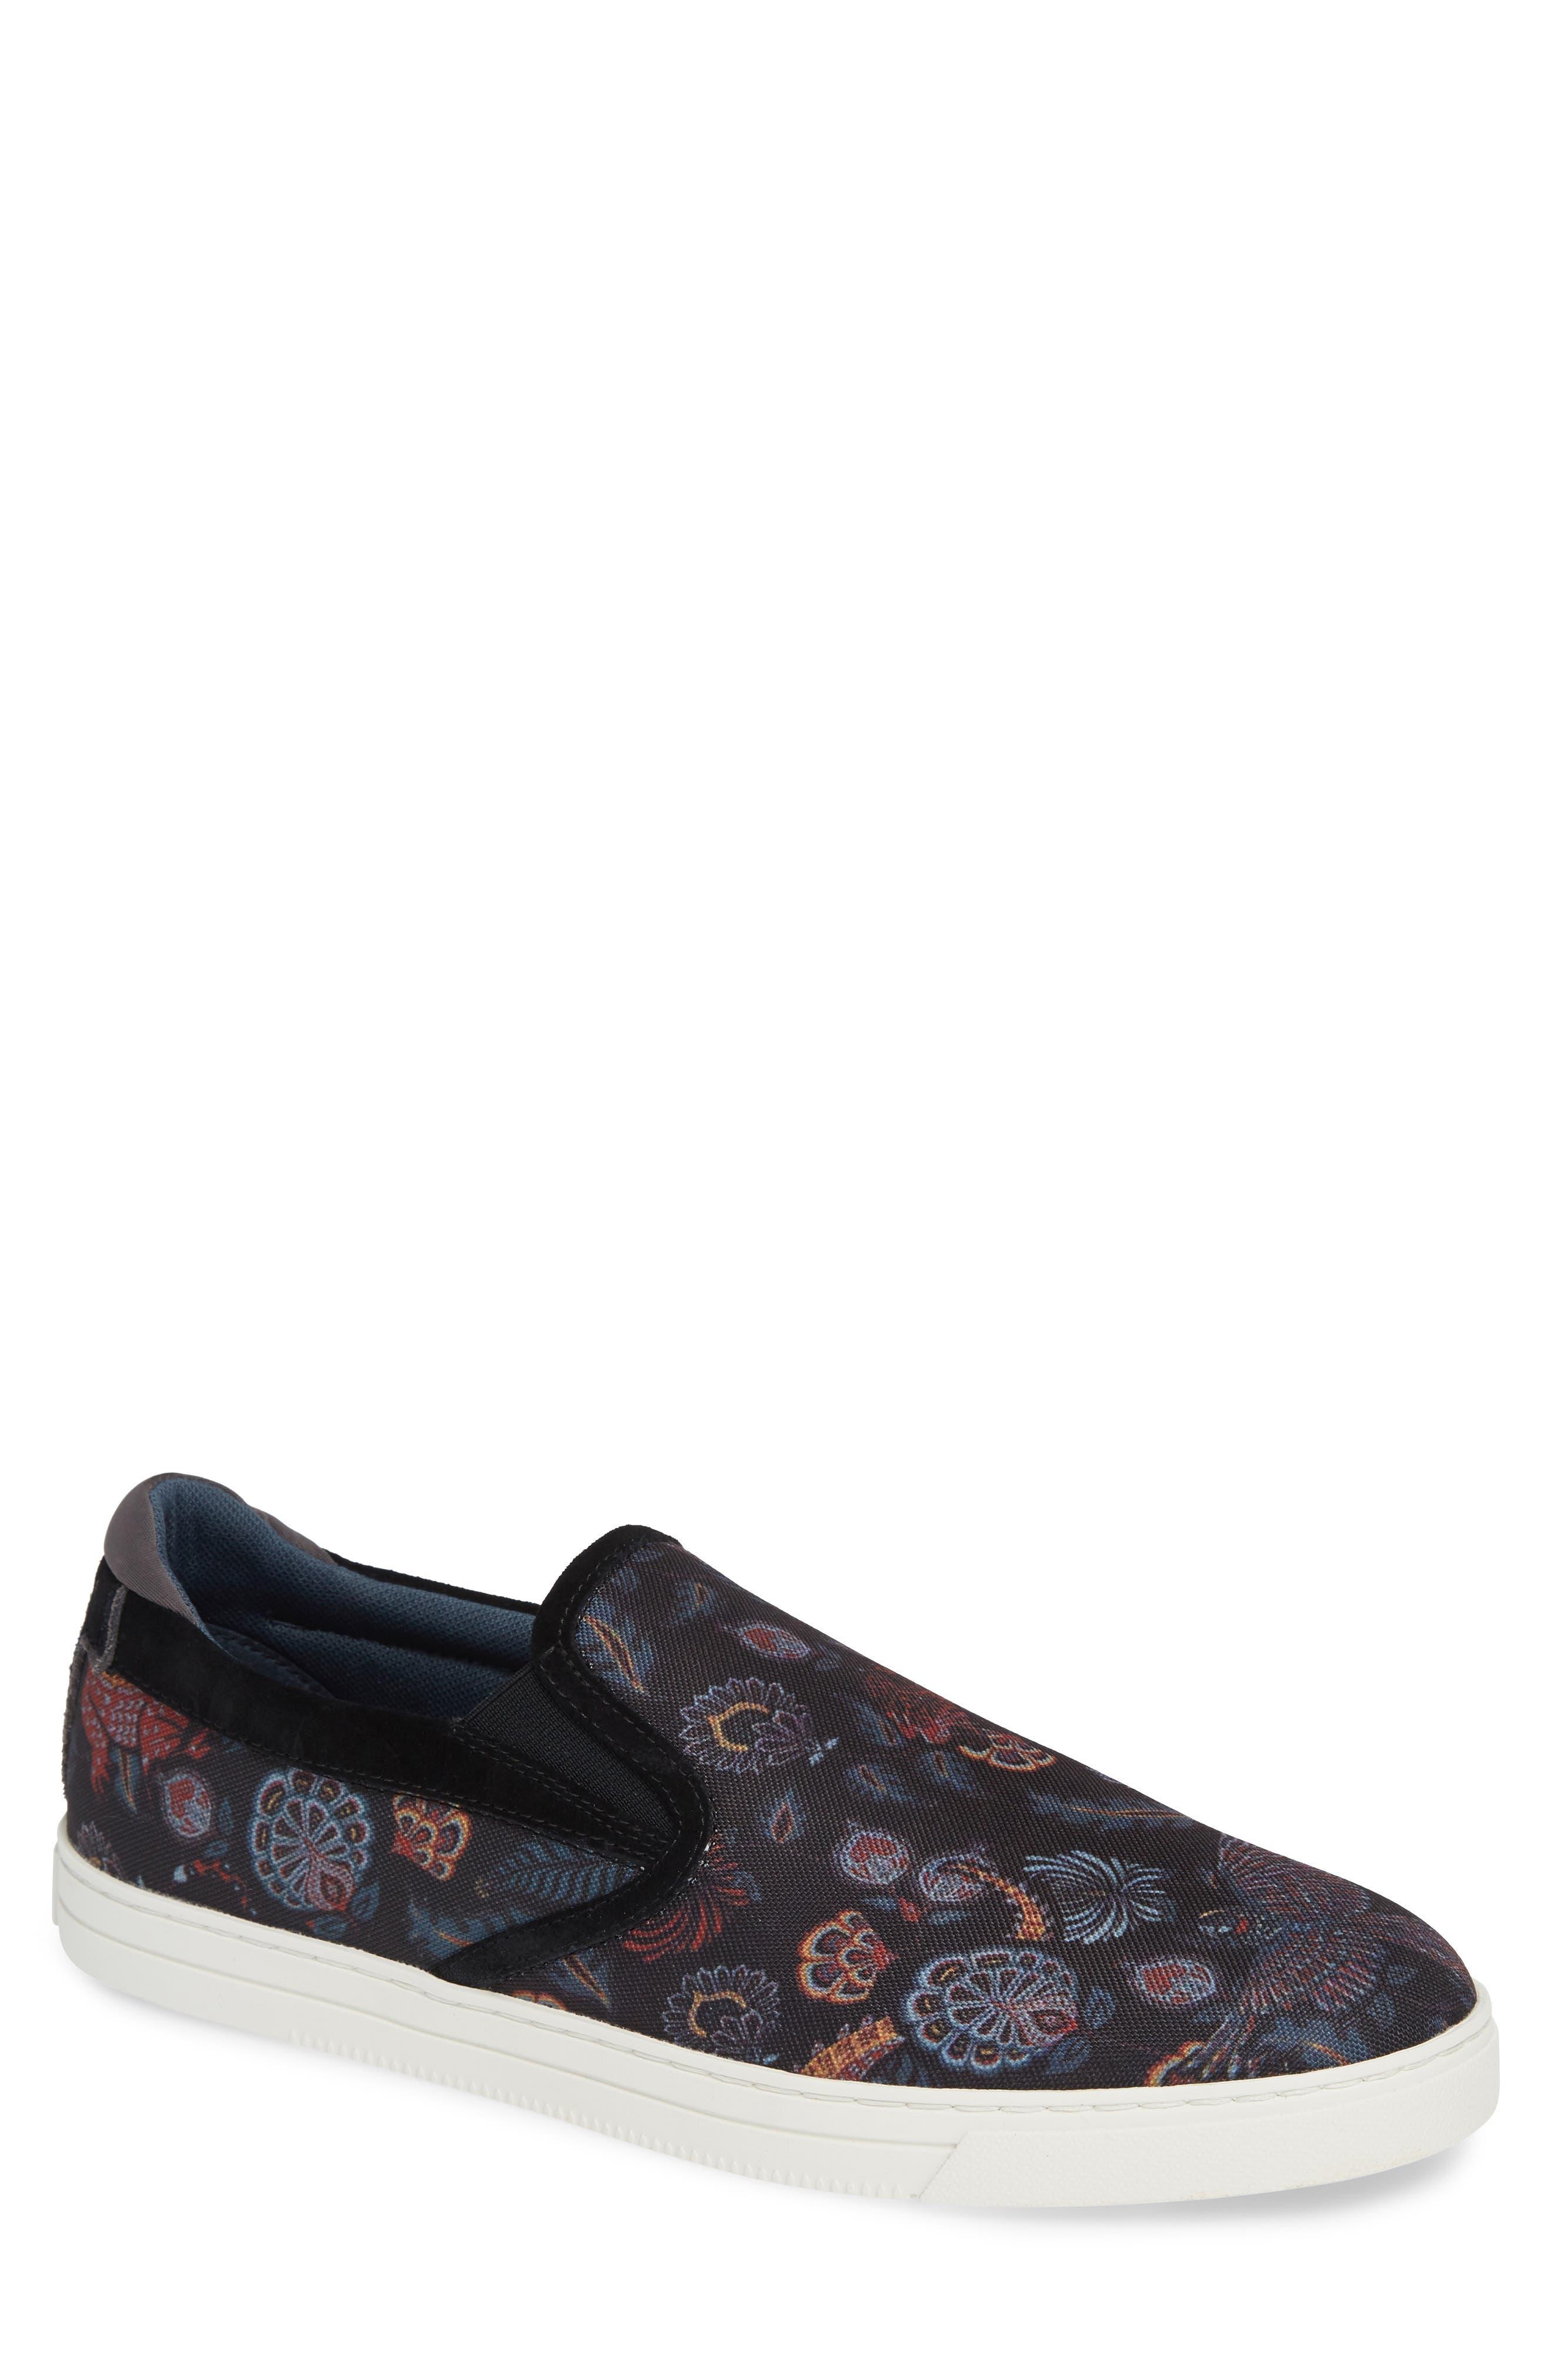 Mhako Slip-On Sneaker,                         Main,                         color, BLACK/ GREY